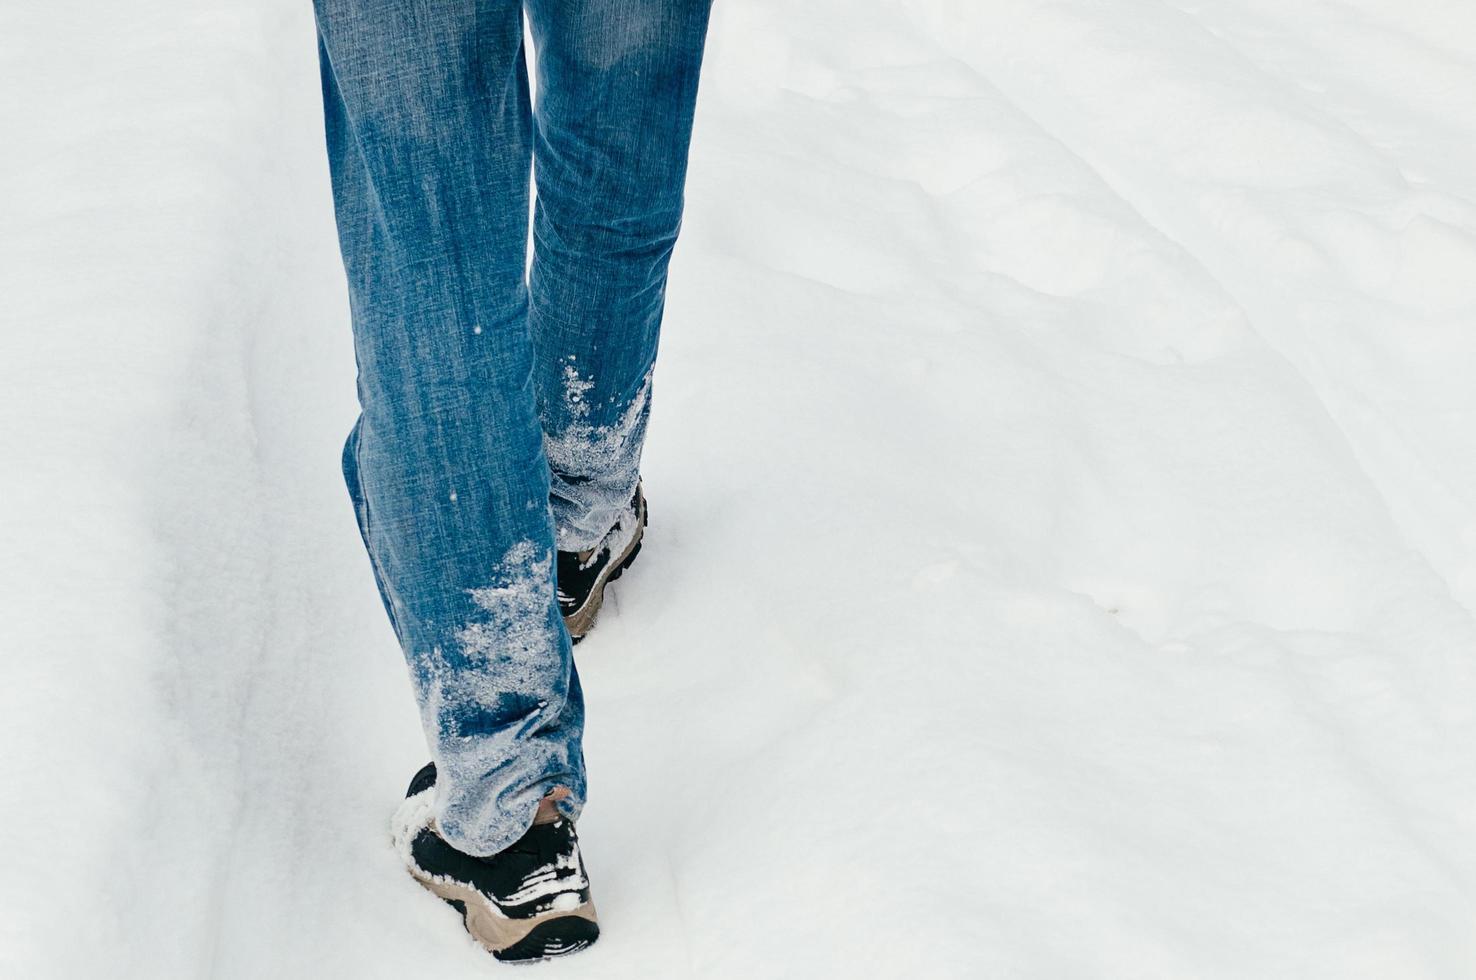 vista posteriore delle gambe maschili che camminano nella neve foto